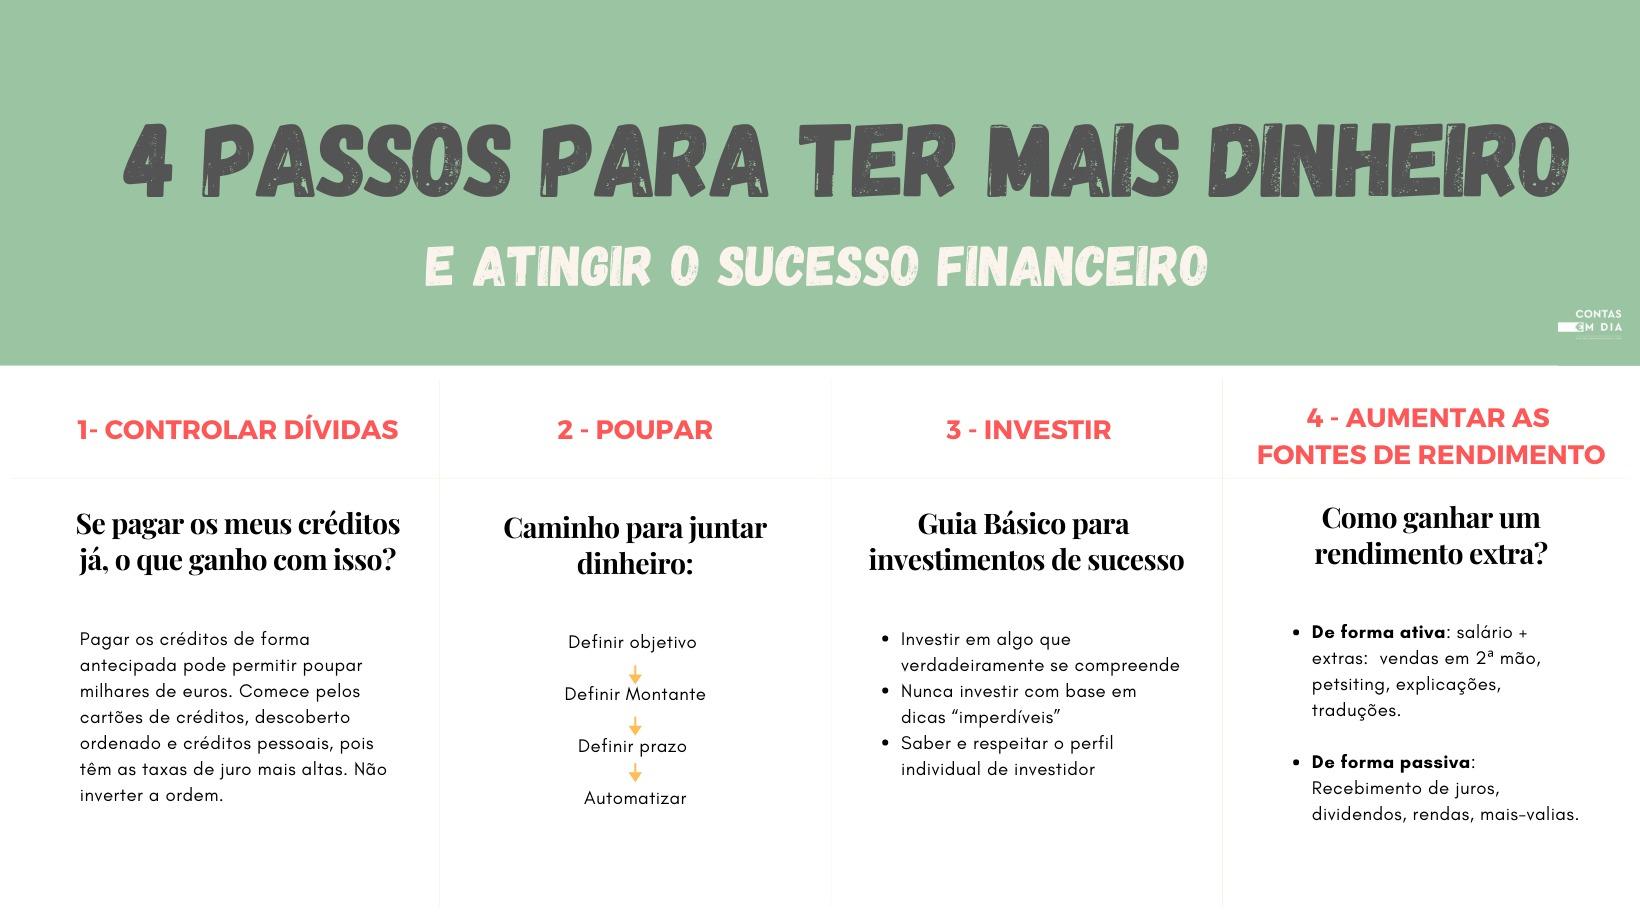 Poupar? 4 passos para ter mais dinheiro e atingir o sucesso financeiro